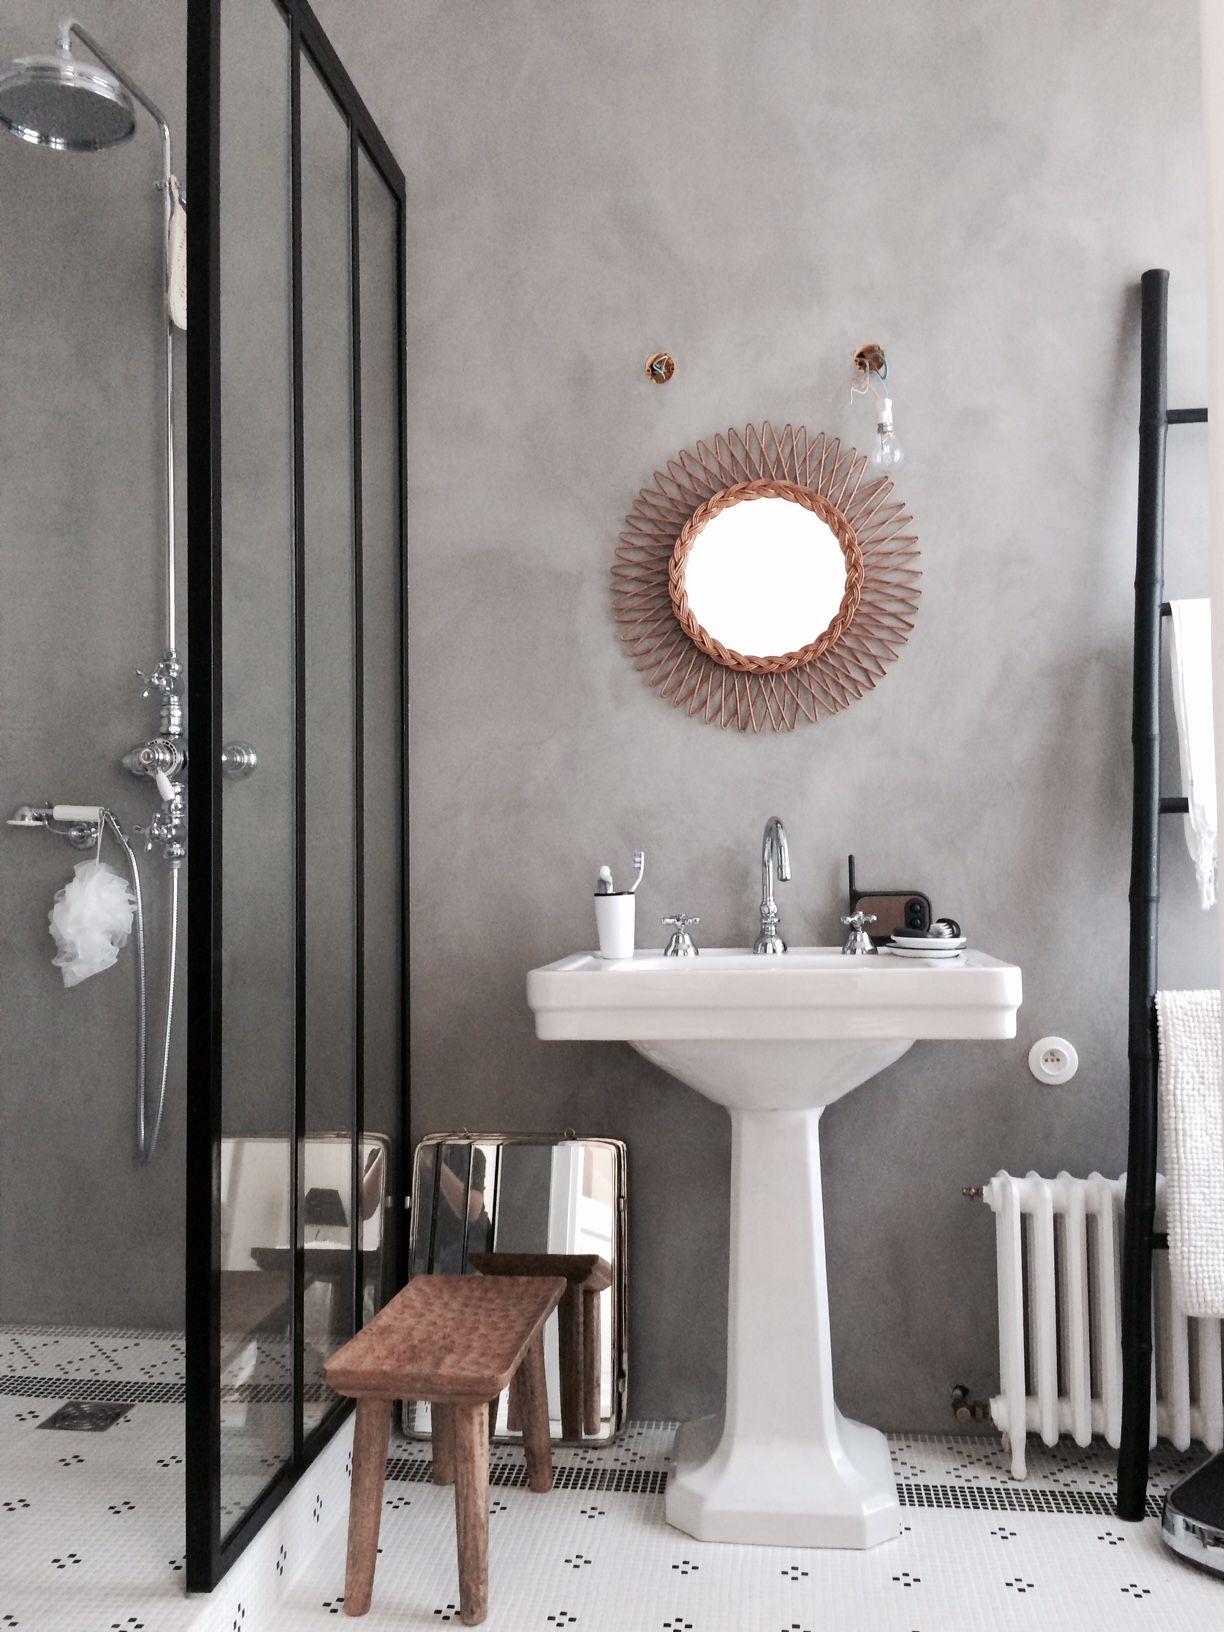 Inspiration visite priv e chez christine b t h e bathroom eclectic bathroom et bathroom - Salle de bain industrielle ...